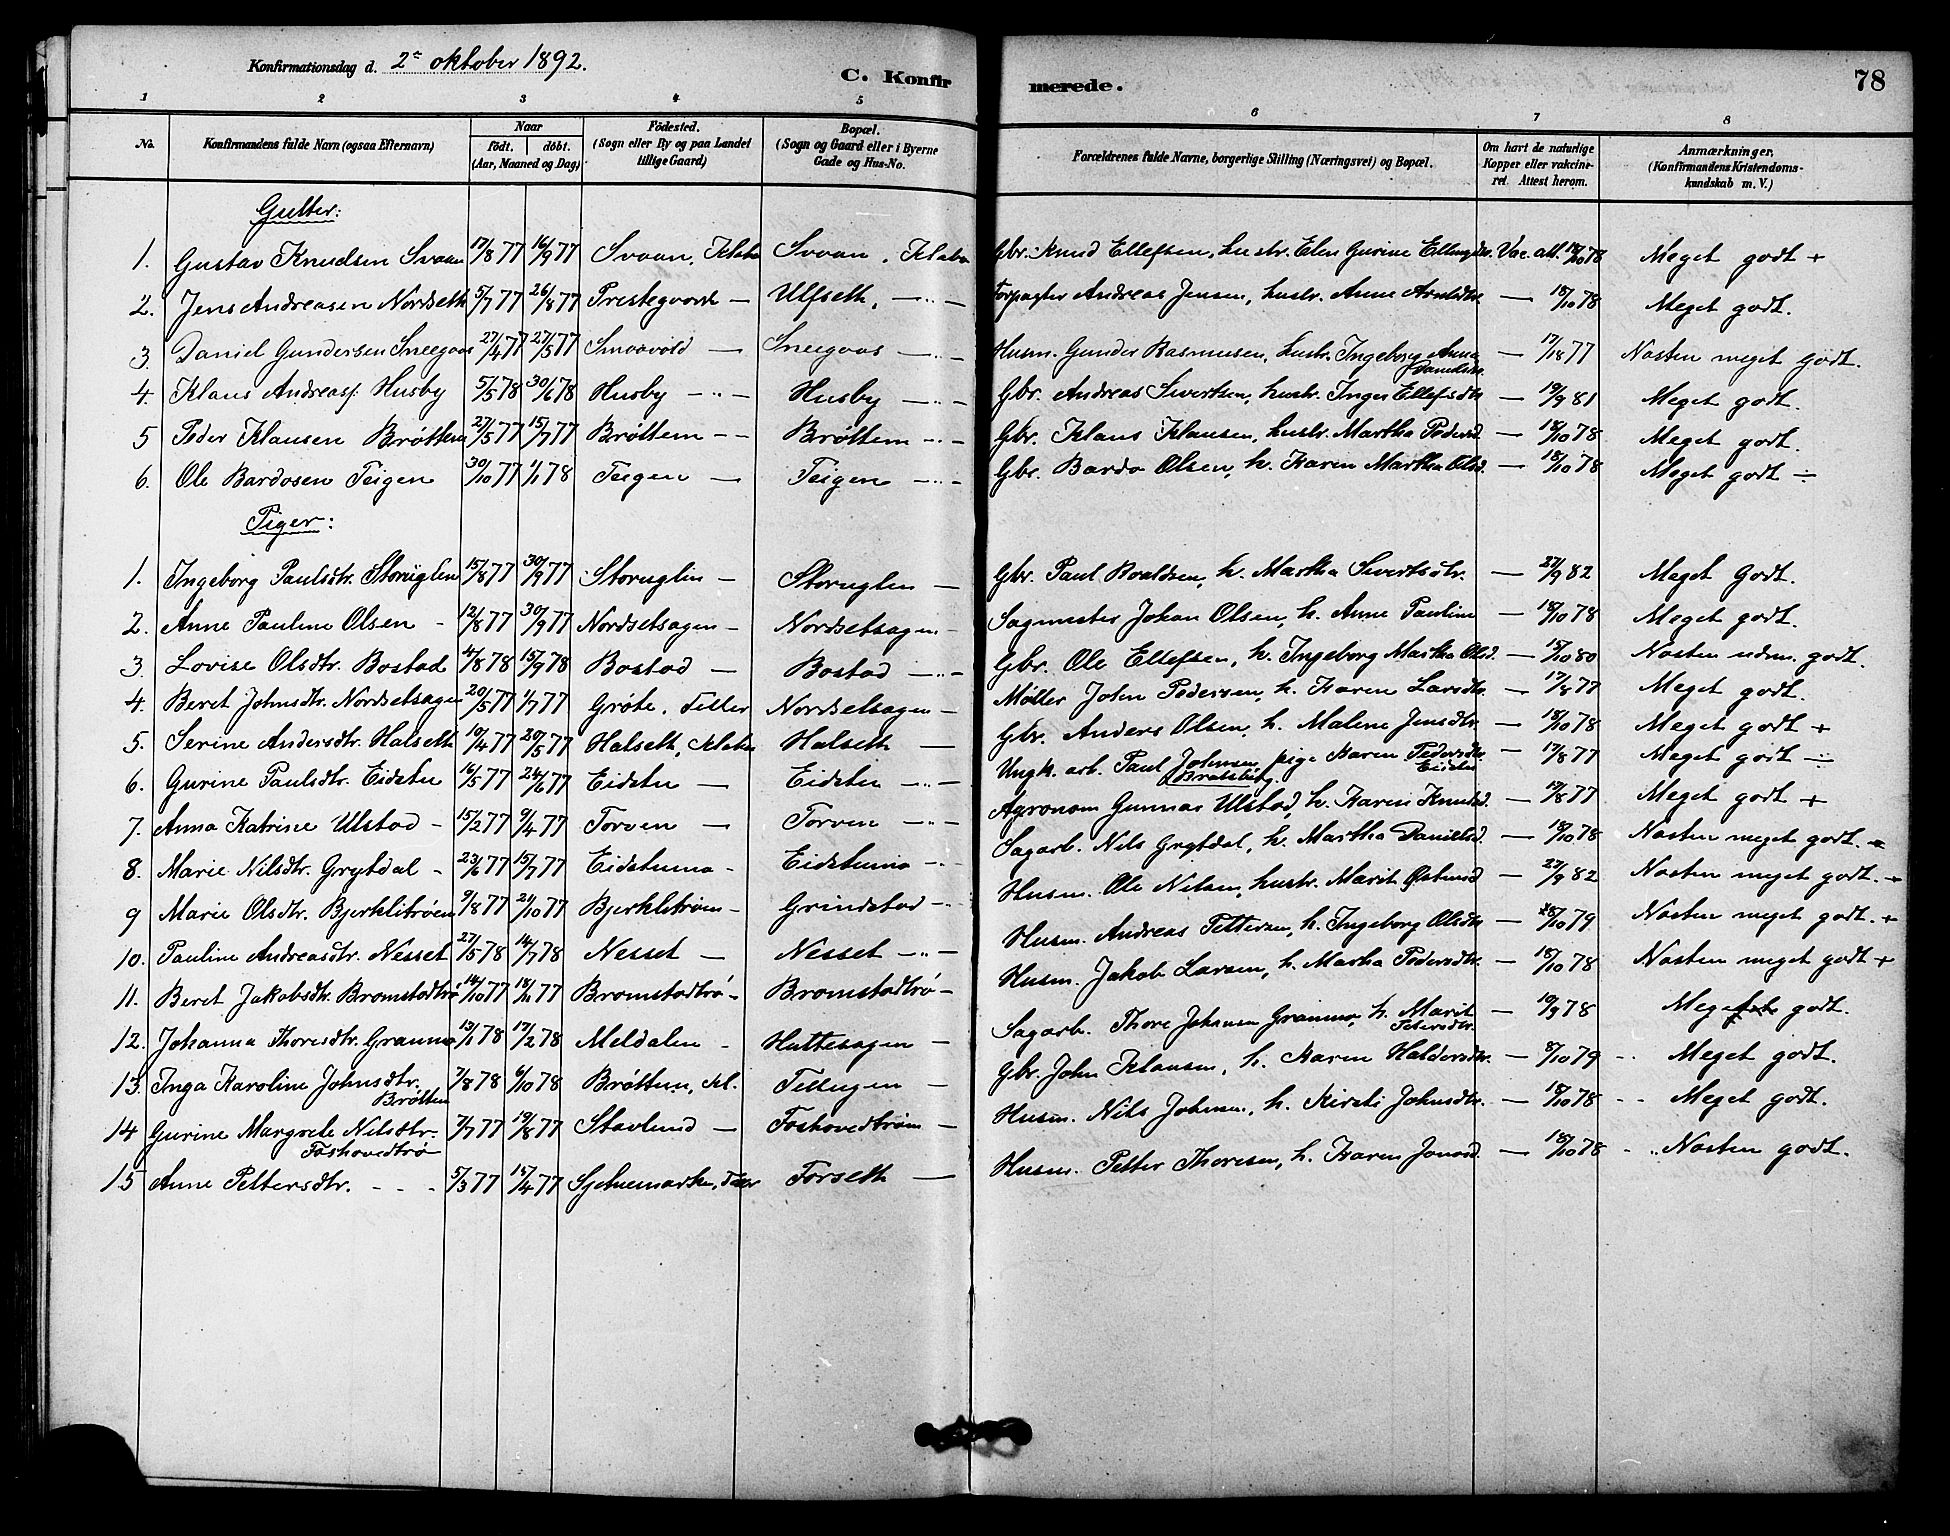 SAT, Ministerialprotokoller, klokkerbøker og fødselsregistre - Sør-Trøndelag, 618/L0444: Ministerialbok nr. 618A07, 1880-1898, s. 78